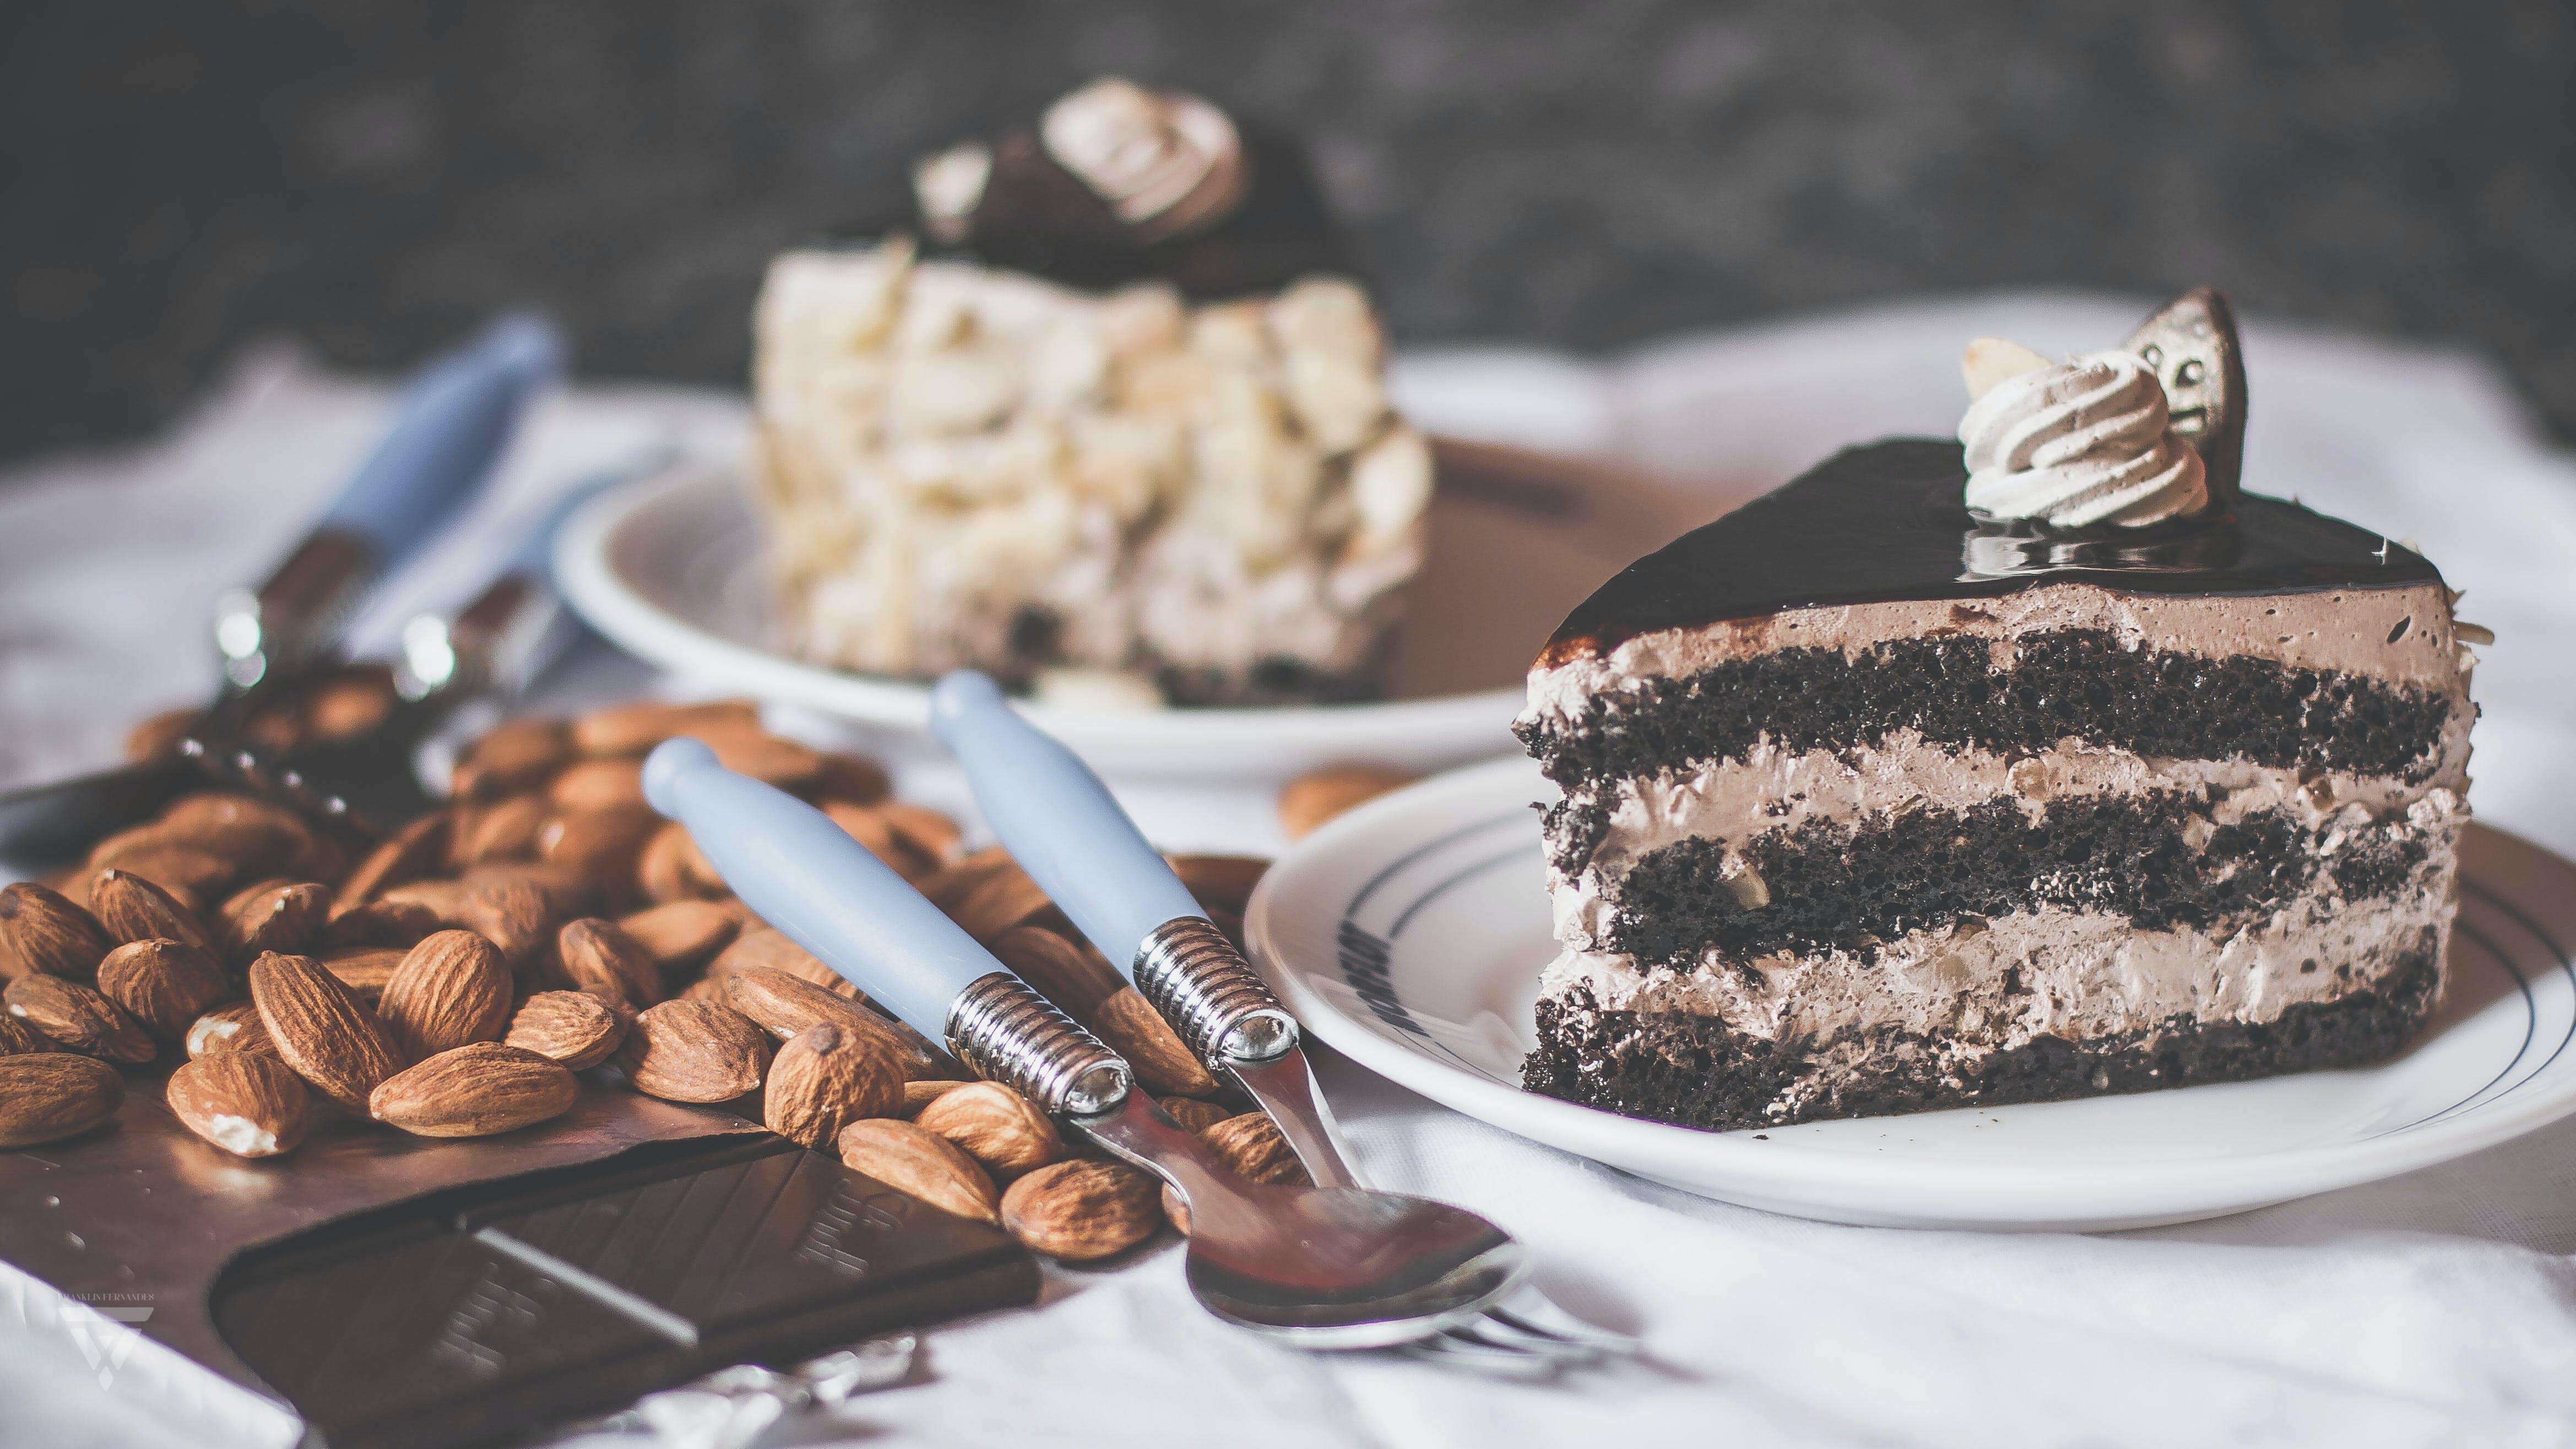 Chocolate Cake on White Ceramic Saucer